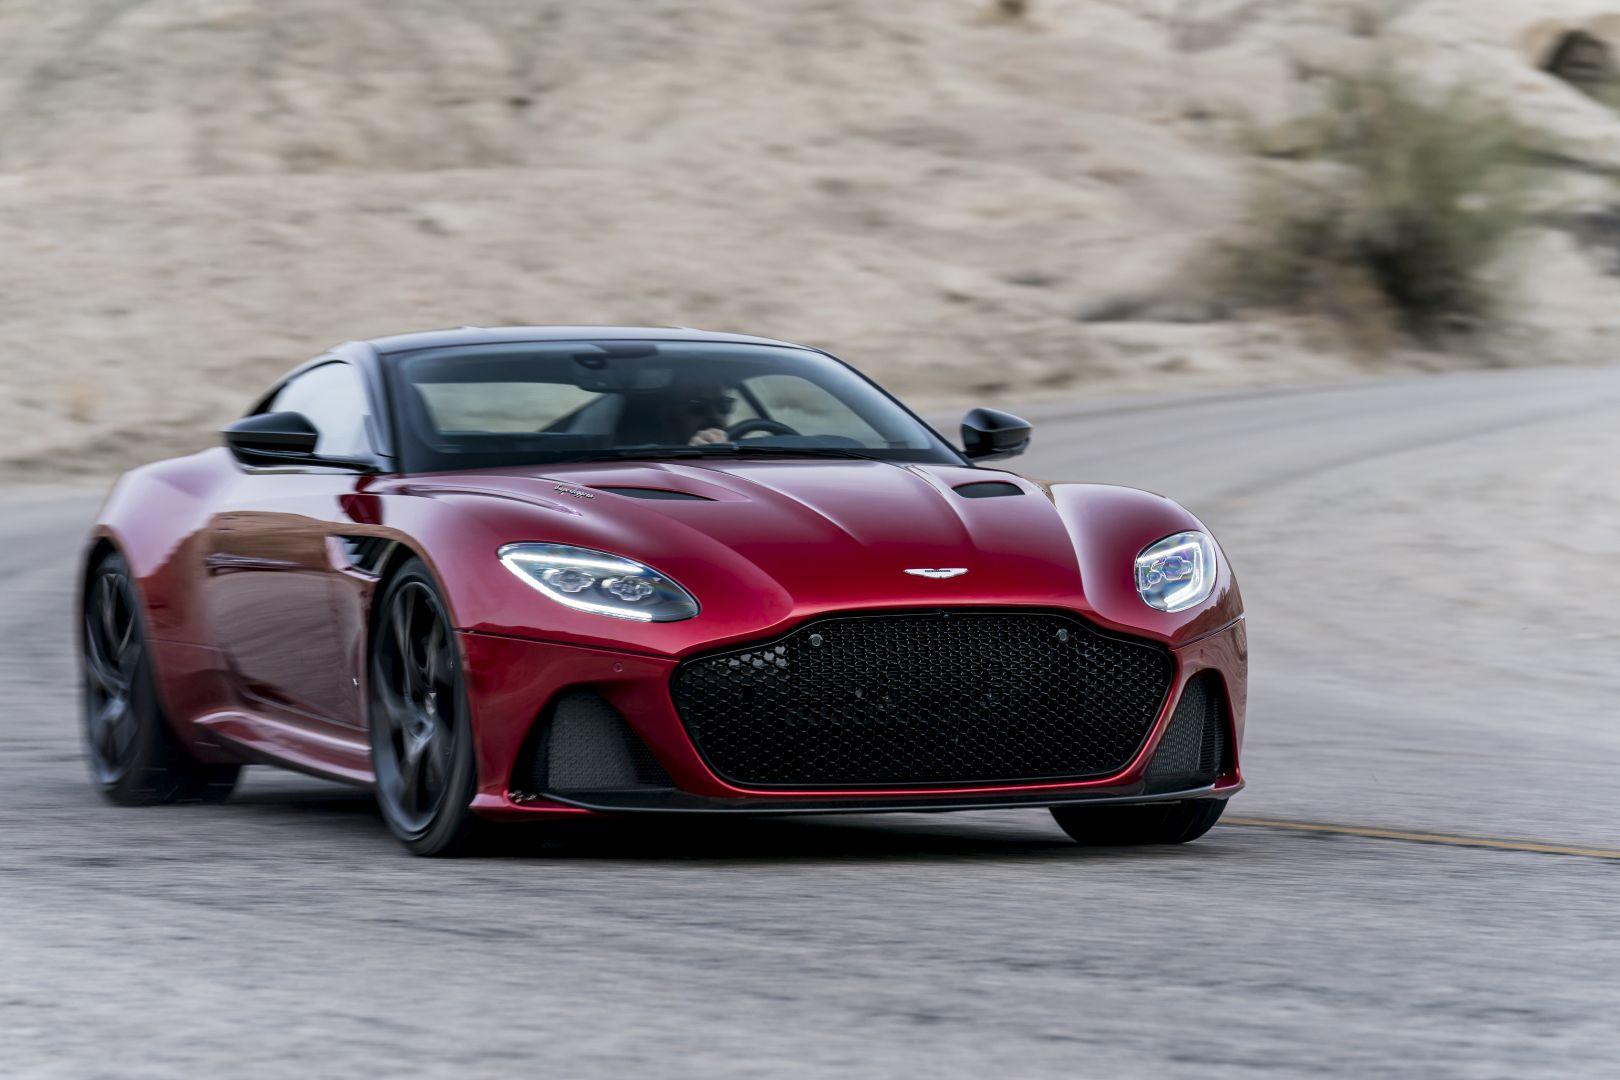 Aston Martin Dbs Superleggera Spezifikationen Fotos 2018 2019 2020 2021 Autoevolution In Deutscher Sprache